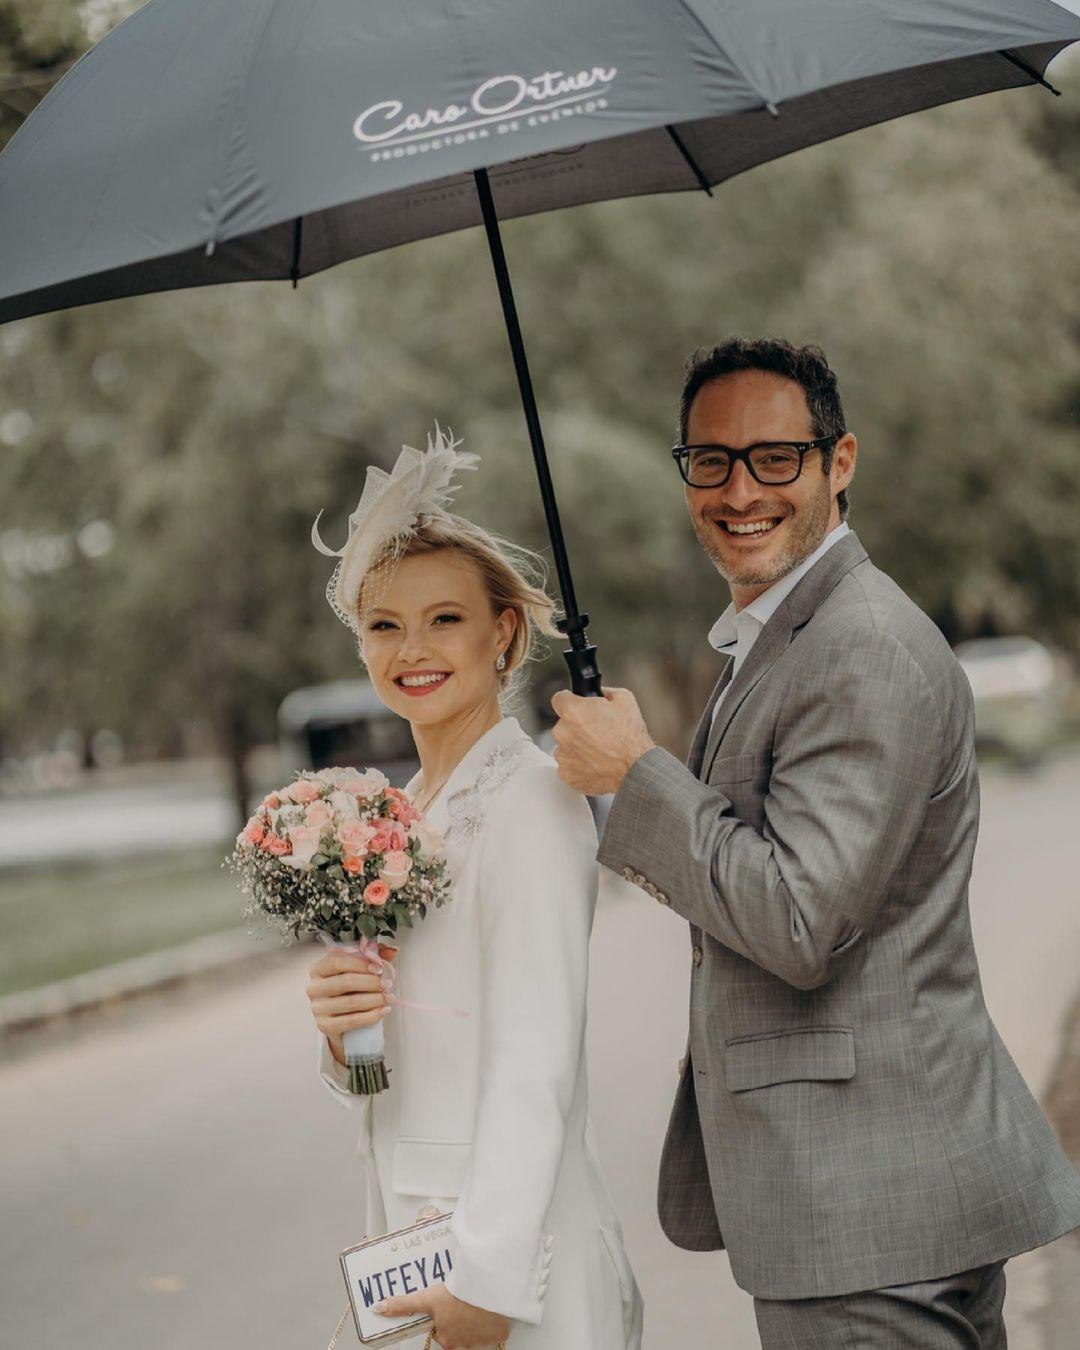 Сестра Егора Крида Полина сыграла пышную свадьбу с мужем-аргентинцем (ФОТО) - фото №3